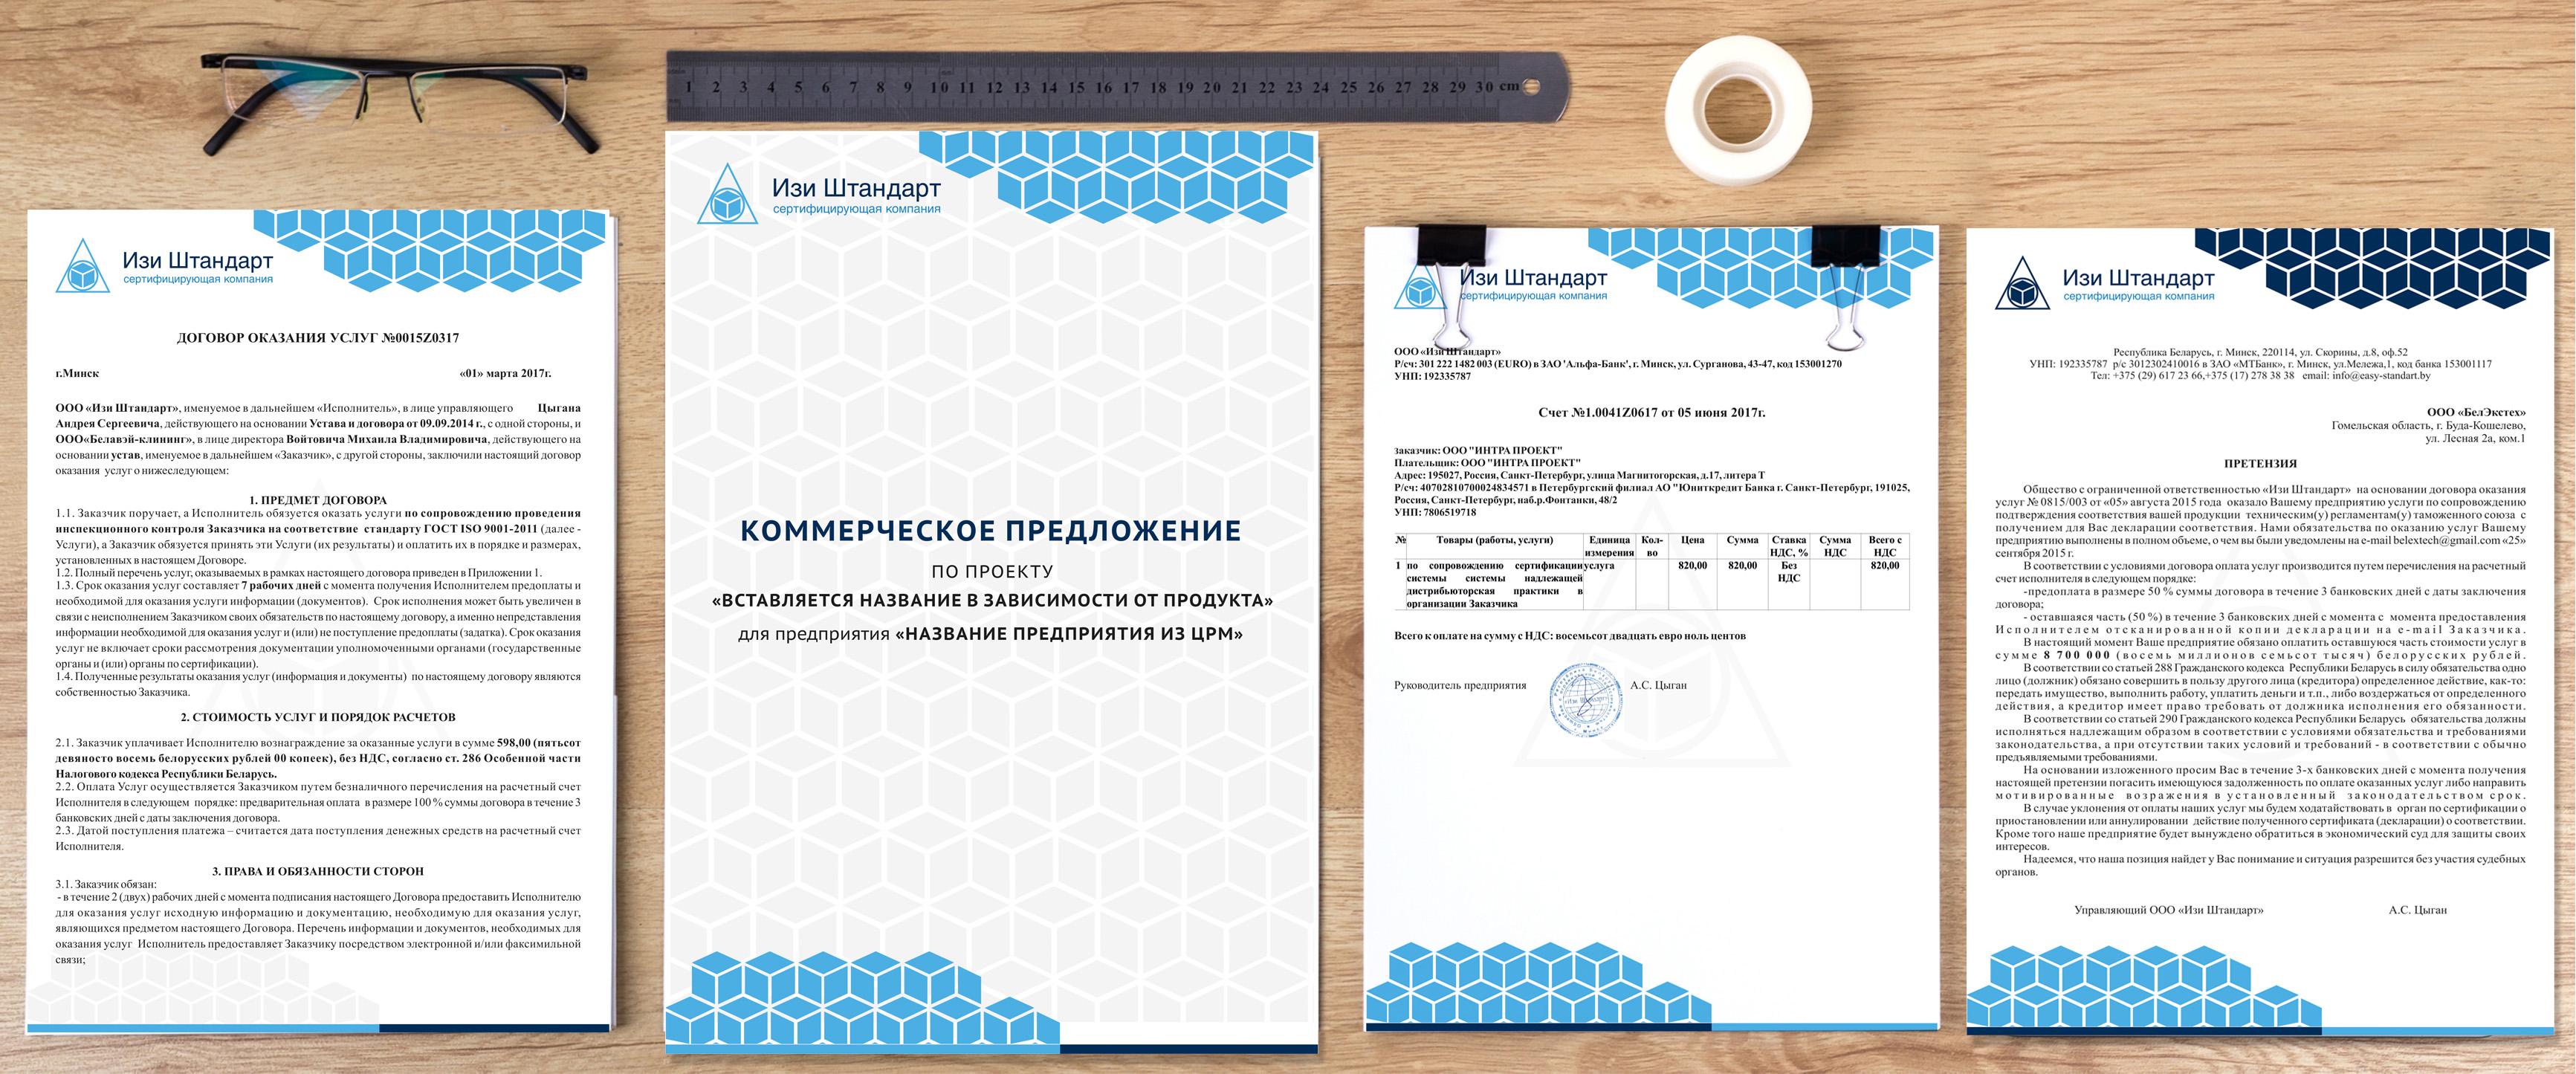 Оформление фирменных документов фото f_012594858cb5ca66.jpg